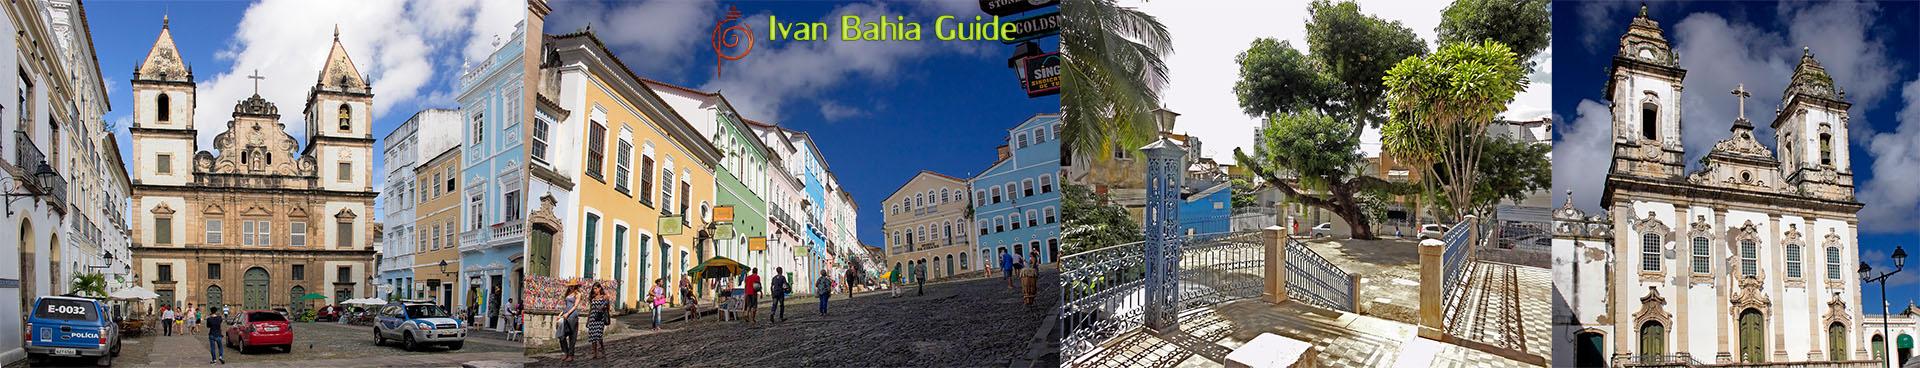 Ivan Bahia Guide, visitez Salvador da Bahia (première capitale du Brésil) culture, architecture et culinaire